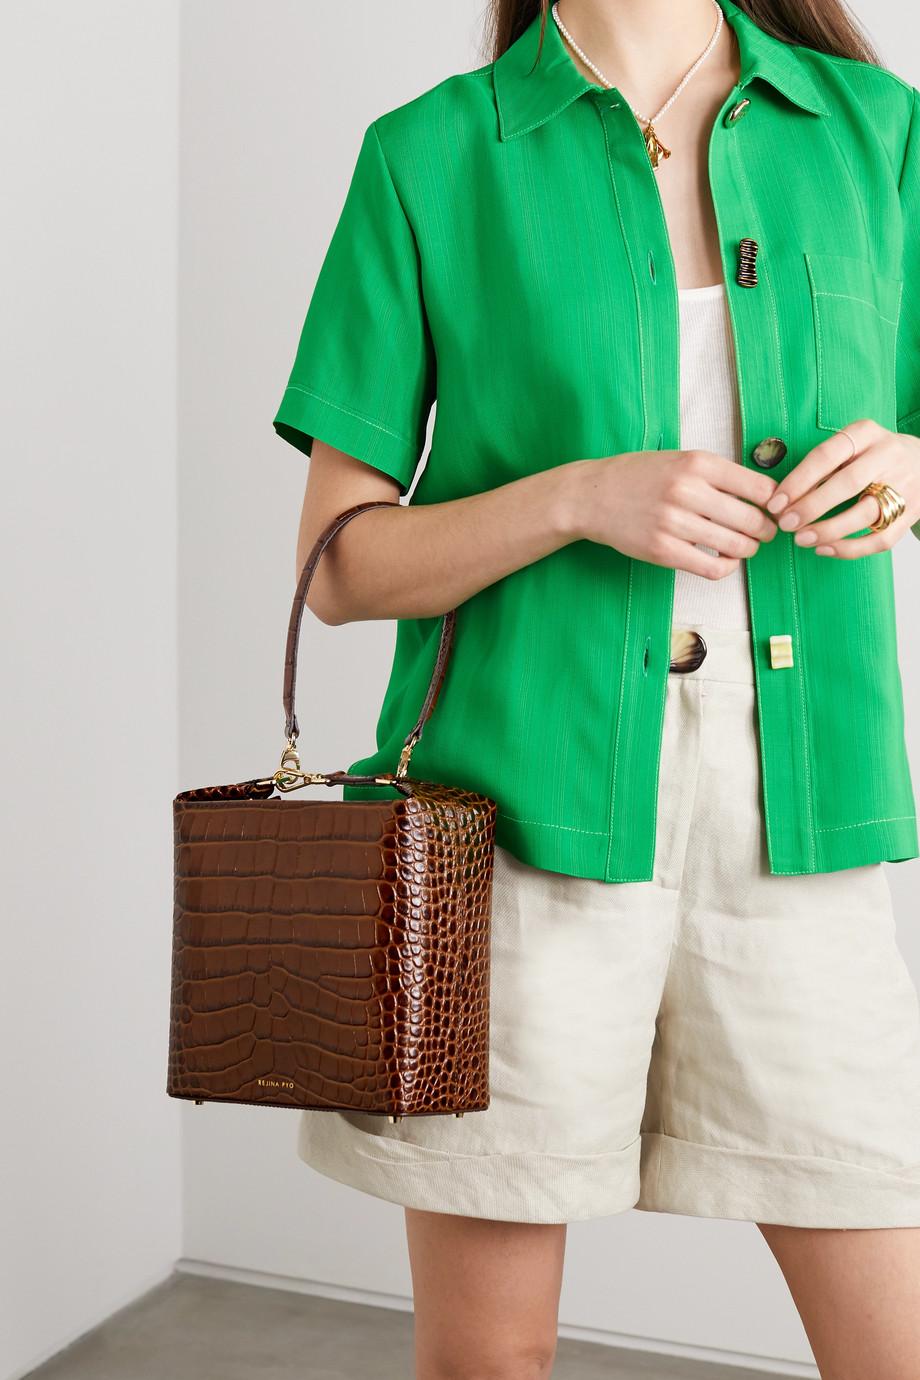 REJINA PYO Lucie croc-effect leather shoulder bag